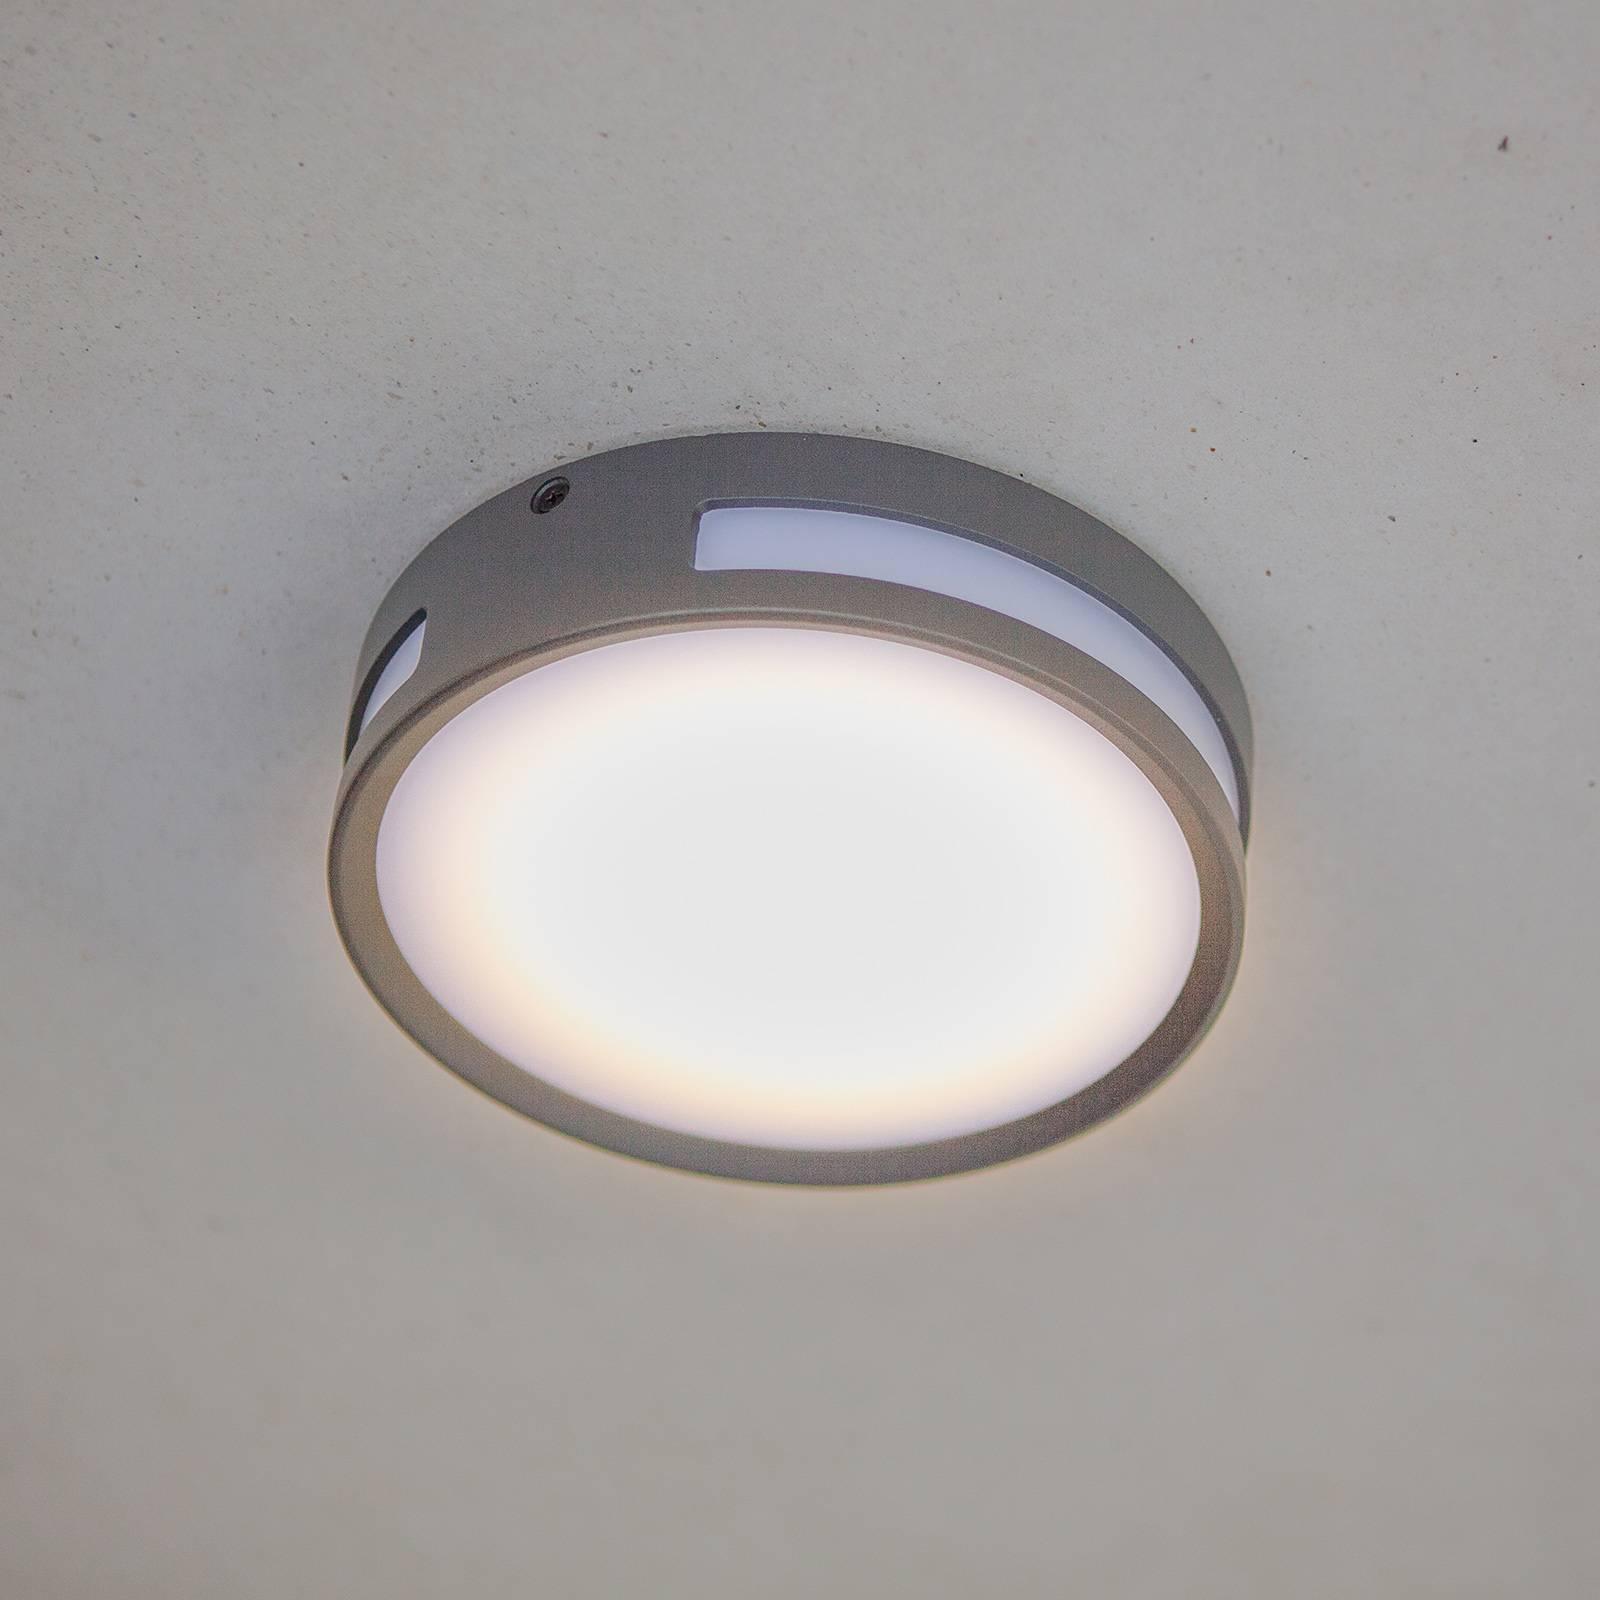 Plafoniera LED Rola per l'esterno, rotonda